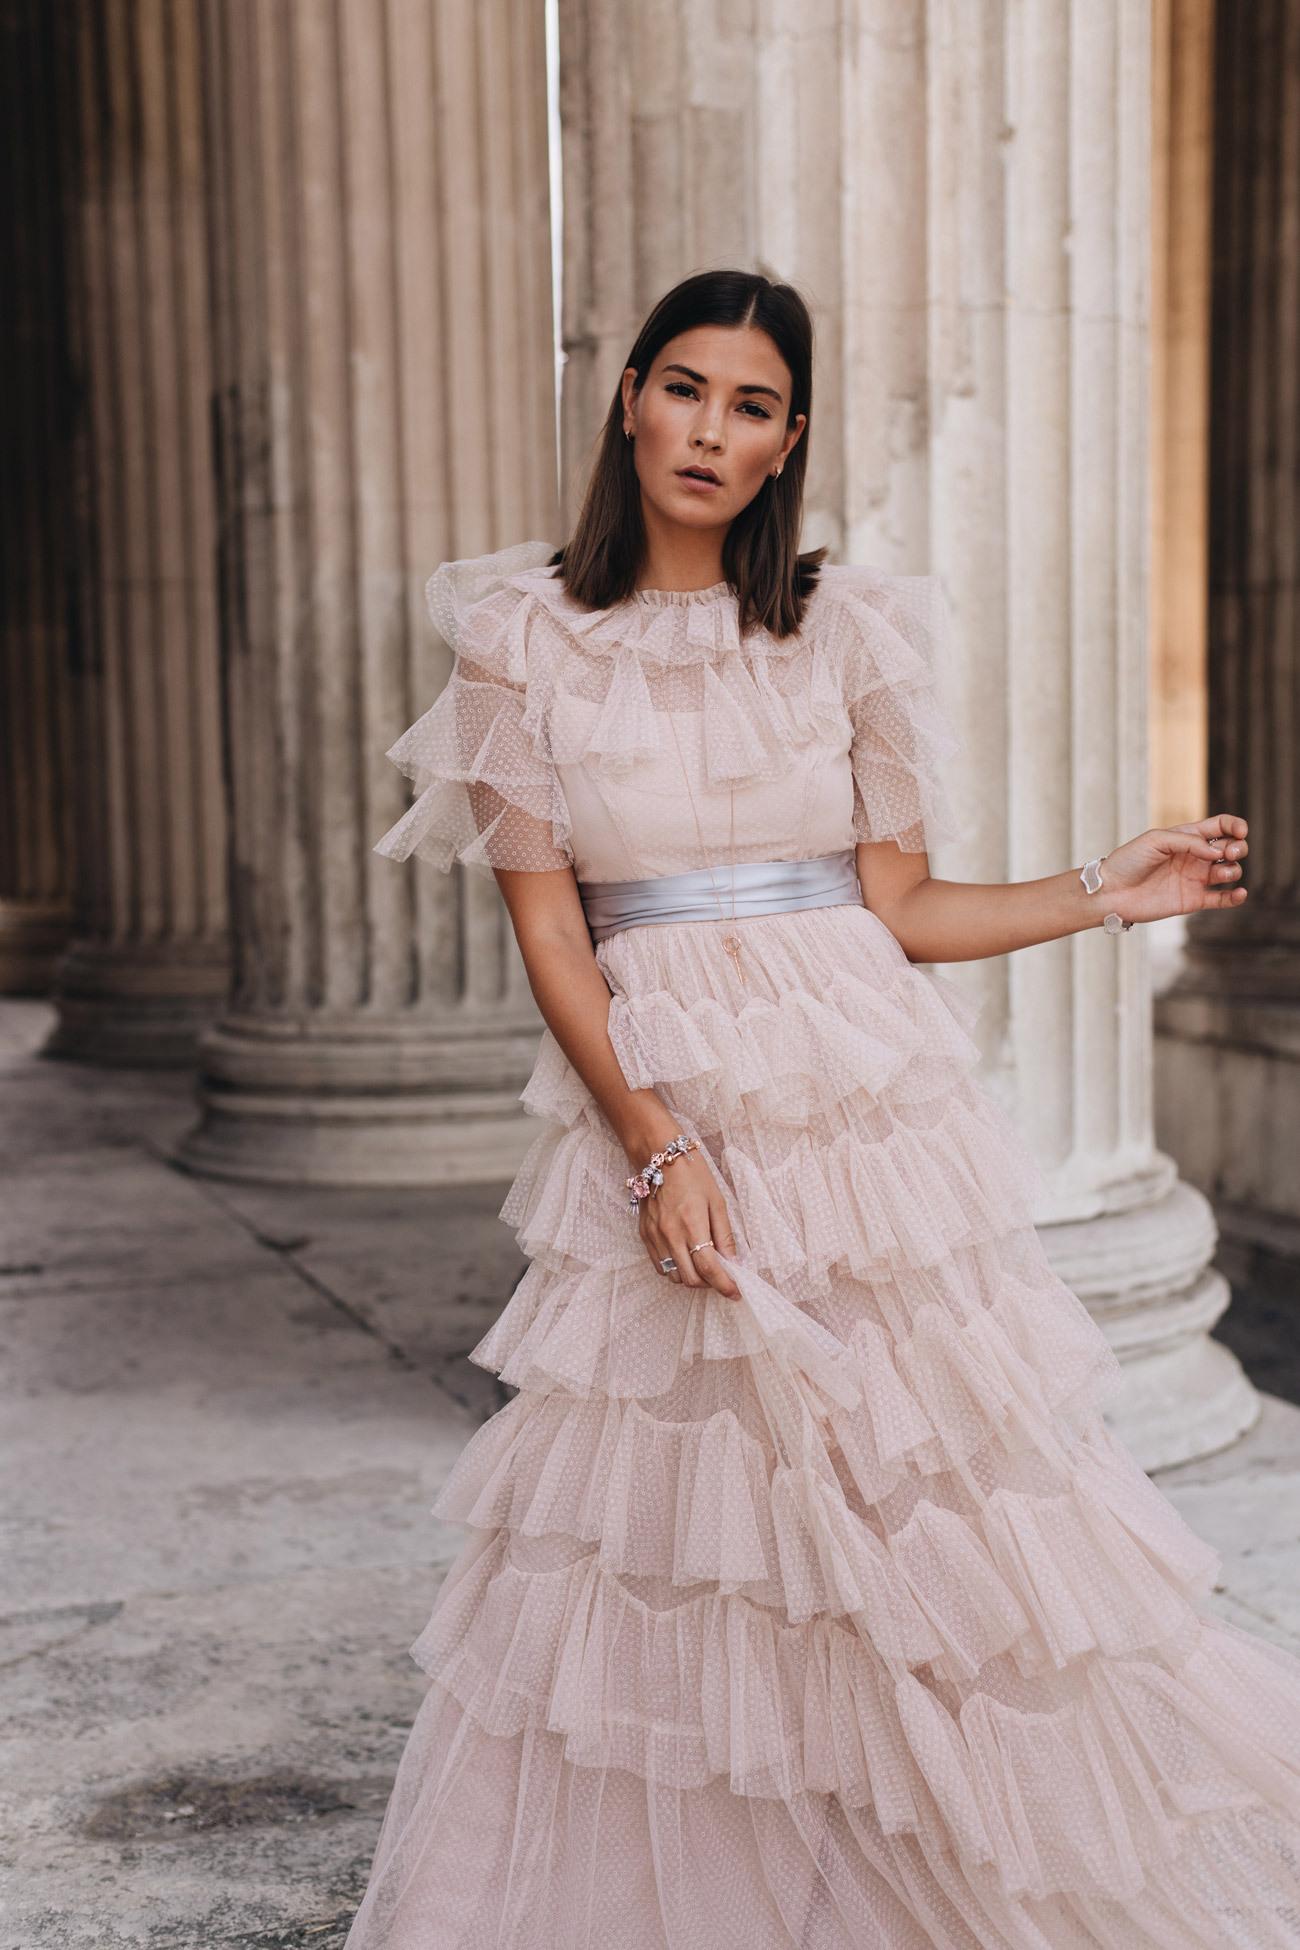 Leicht Kleider Für Eine Hochzeit Bester Preis15 Cool Kleider Für Eine Hochzeit Vertrieb